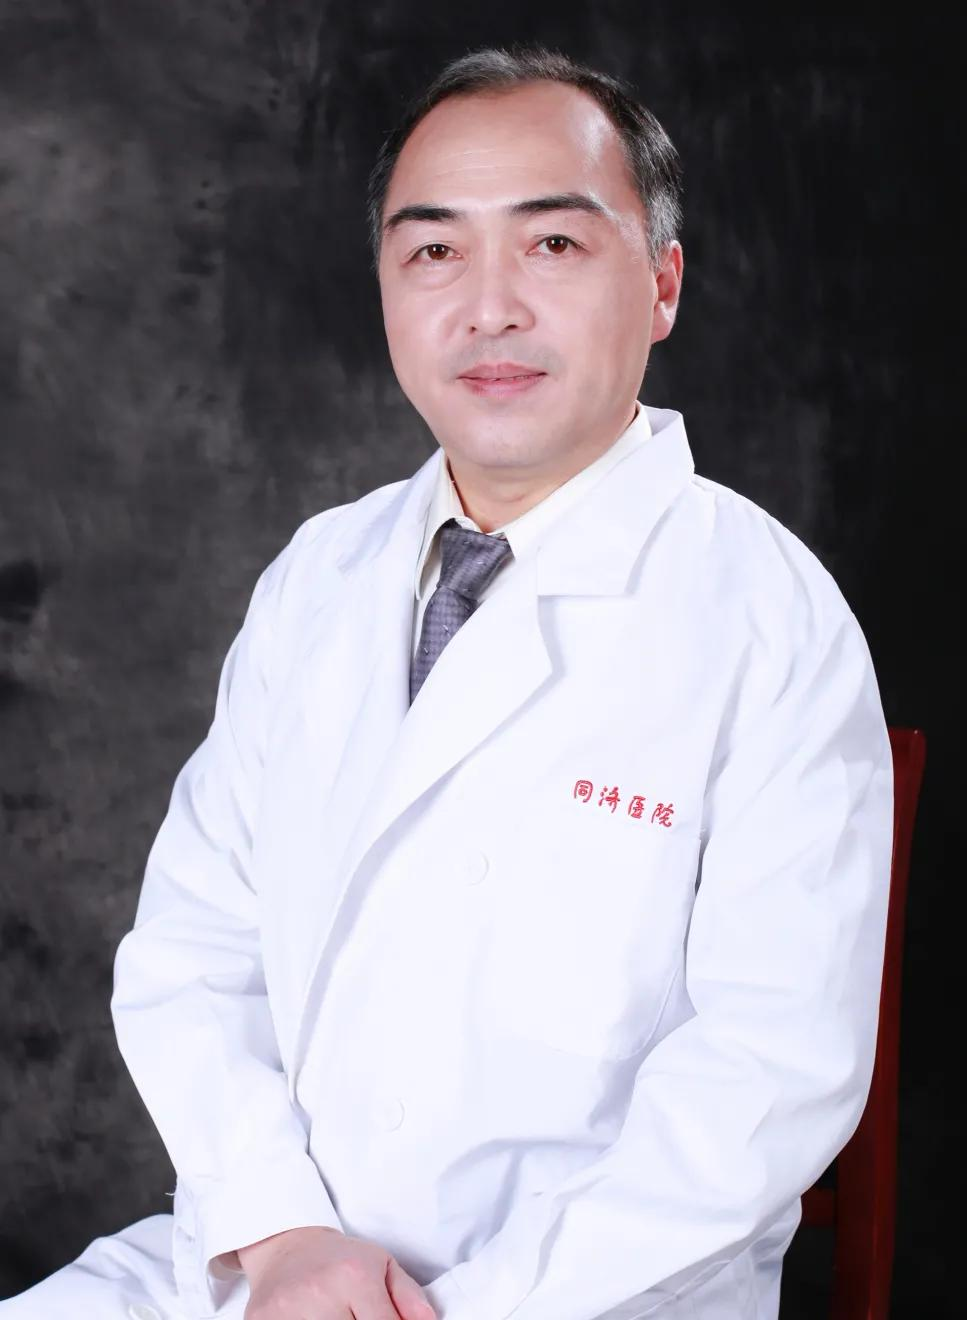 上海市同济医院刘文方:胃癌的手术时机